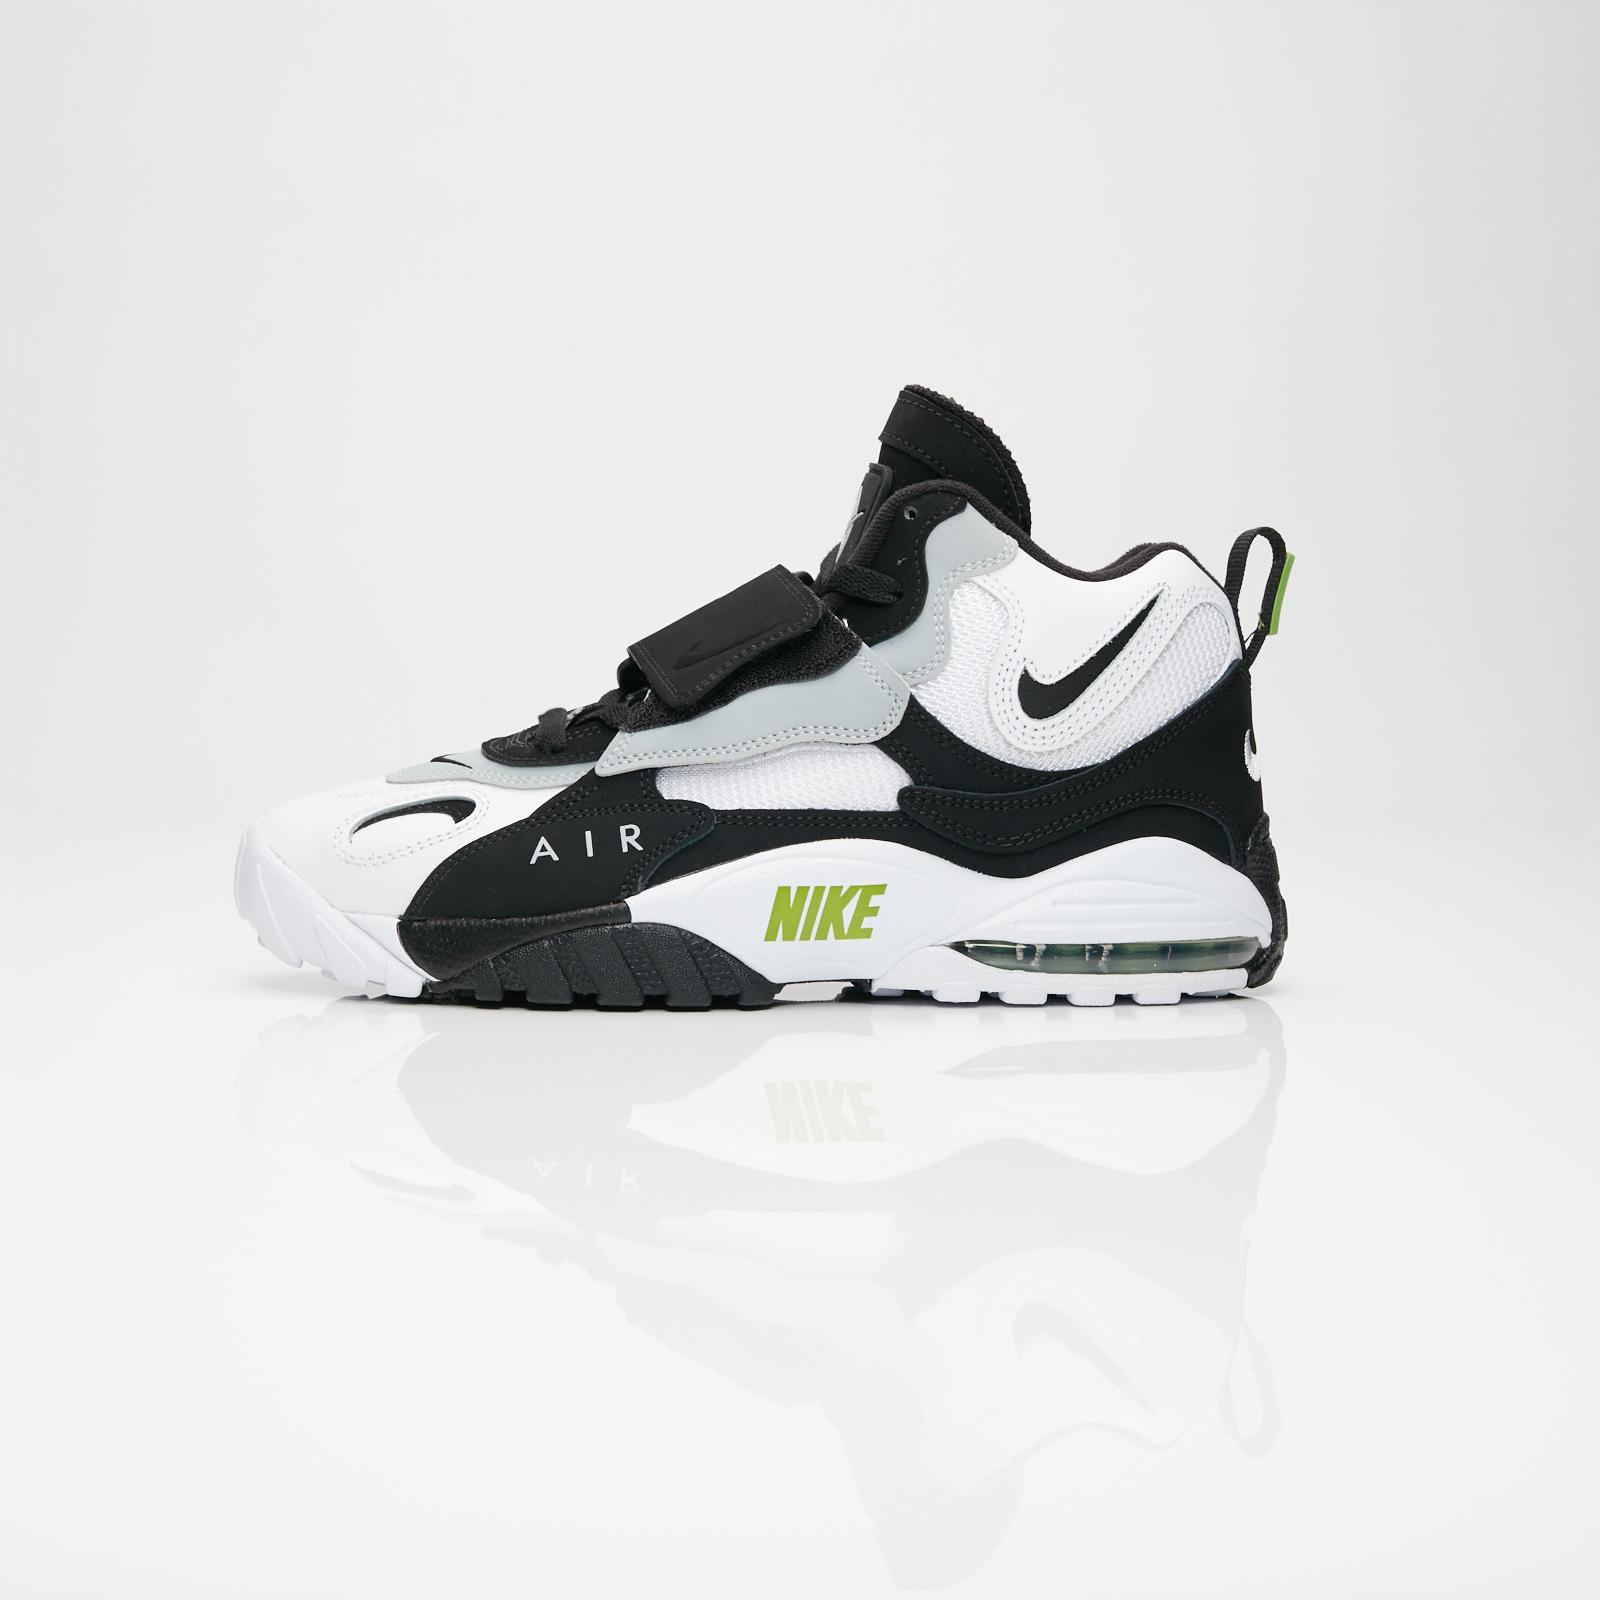 423d324a71 Nike Air Max Speed Turf - 525225-103 - Sneakersnstuff | sneakers &  streetwear online since 1999